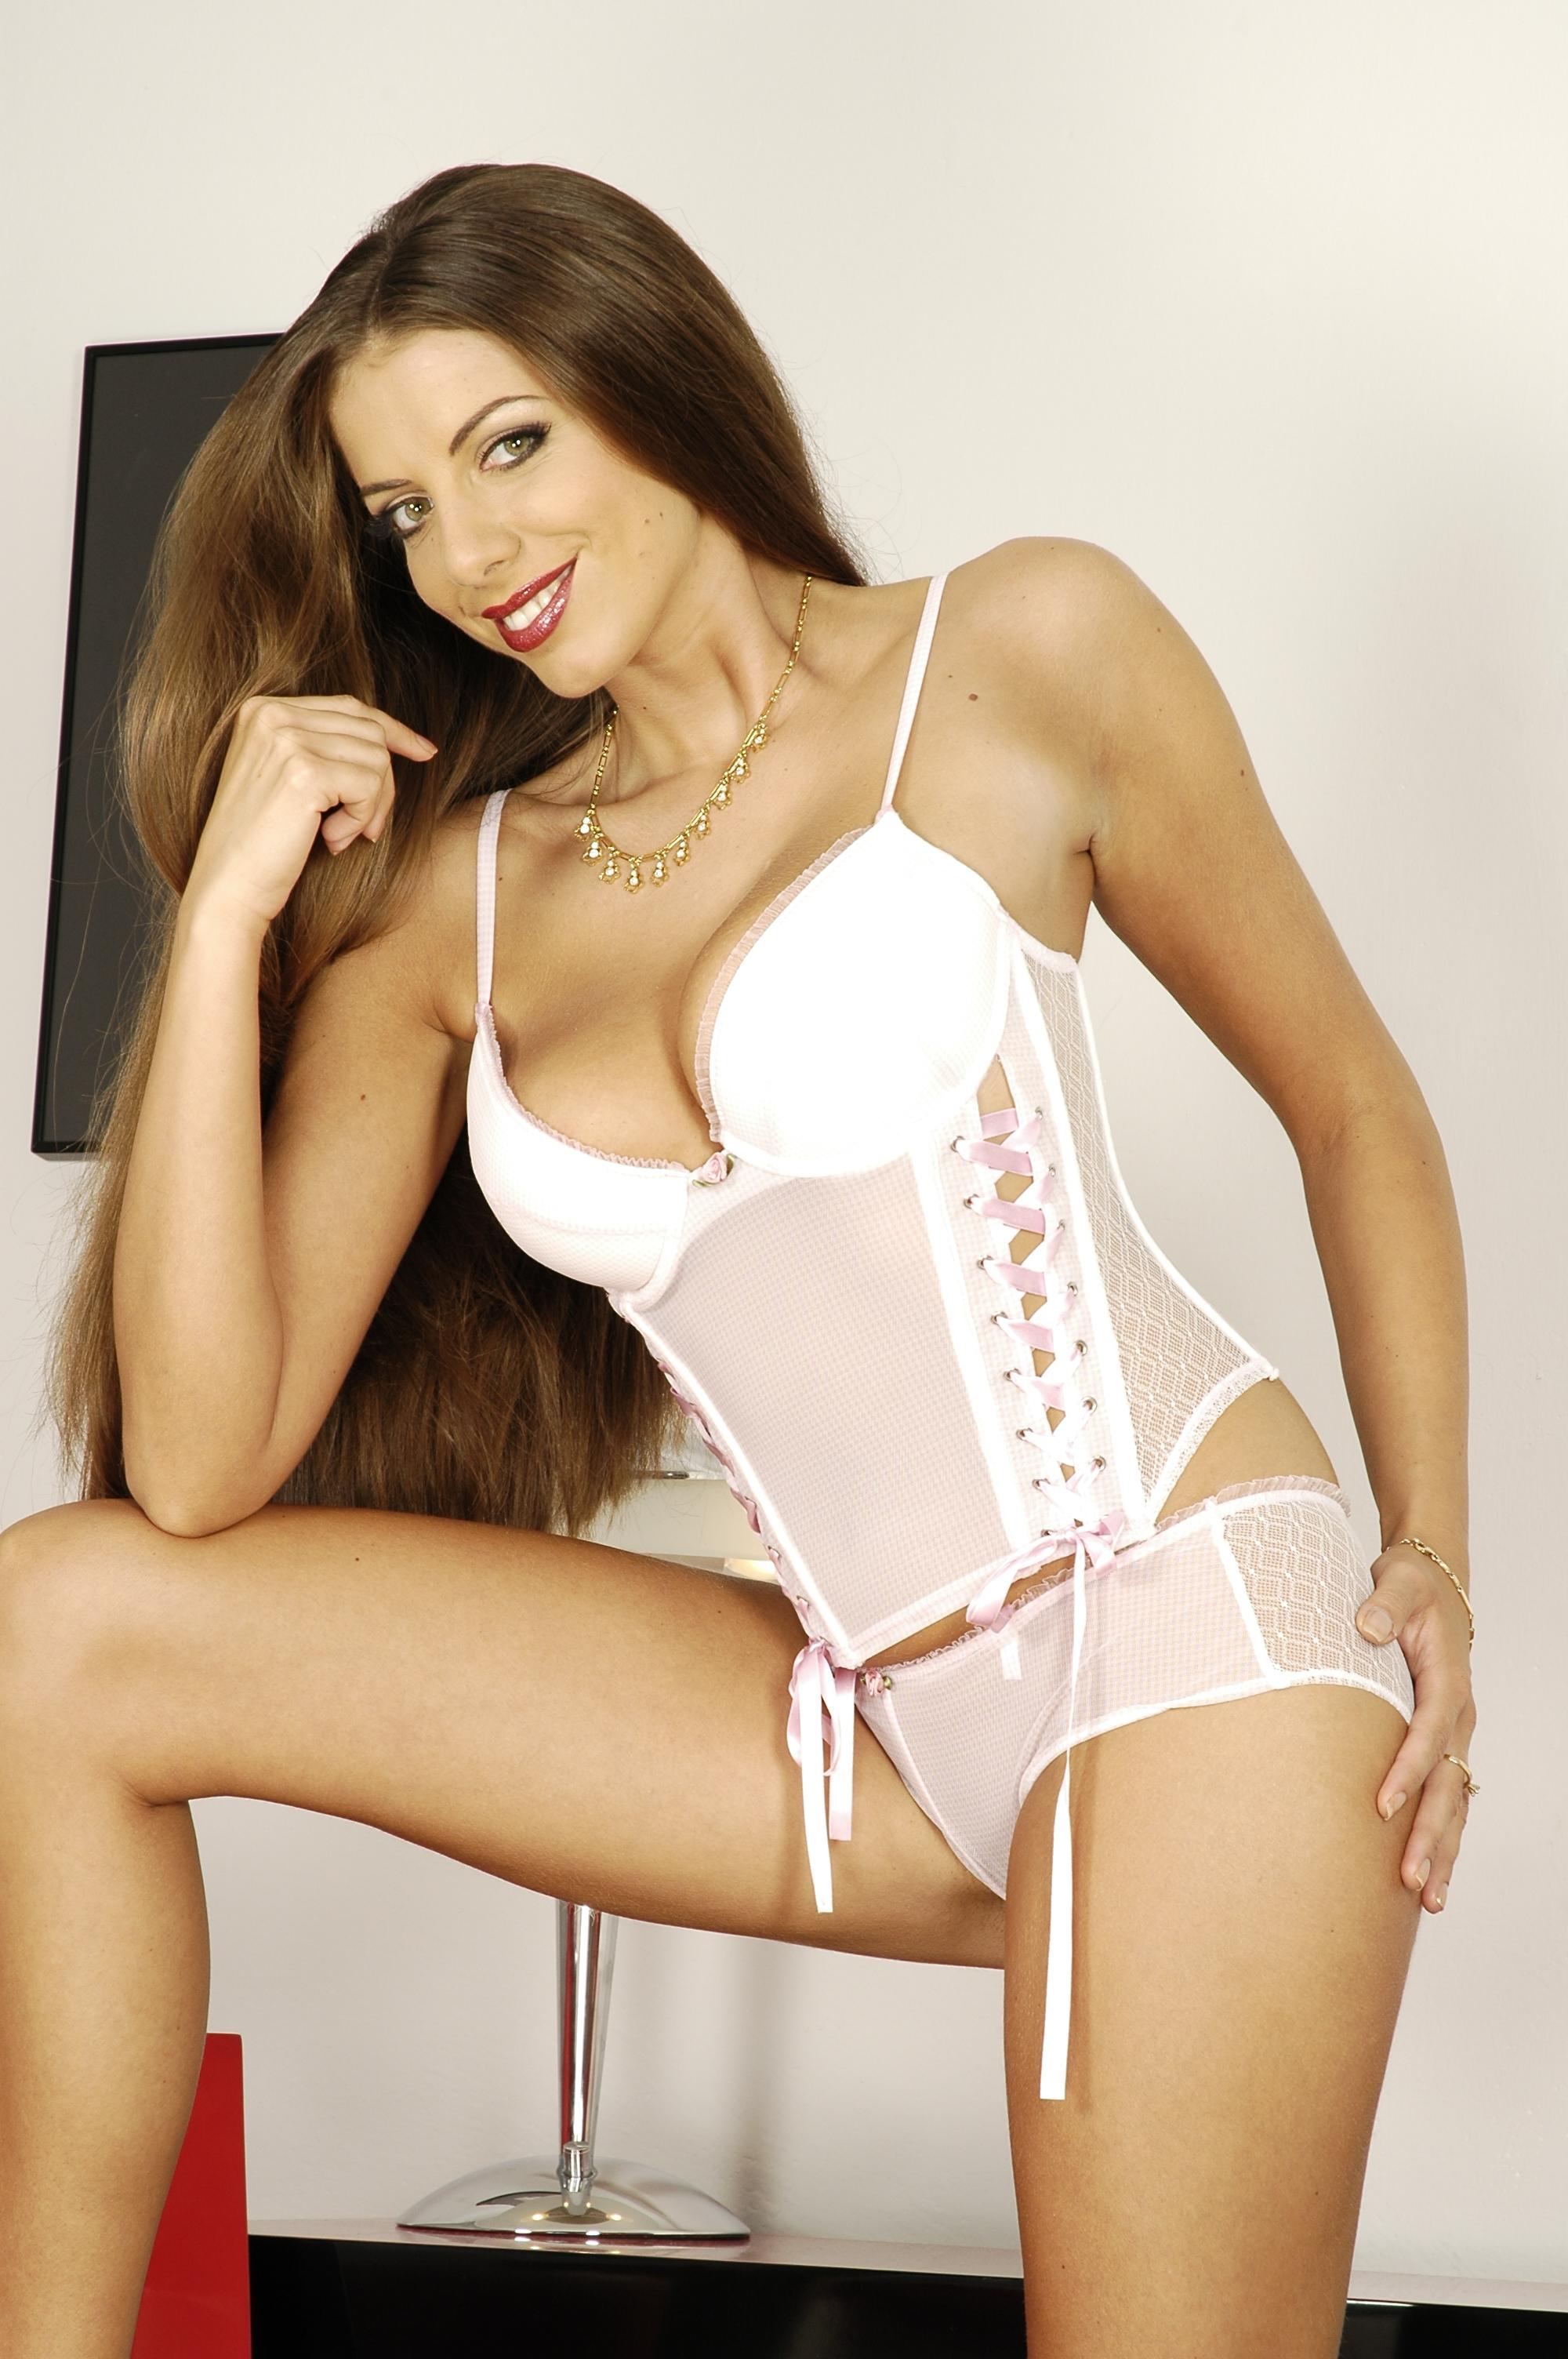 Gorgeous babe Monika in white lingerie